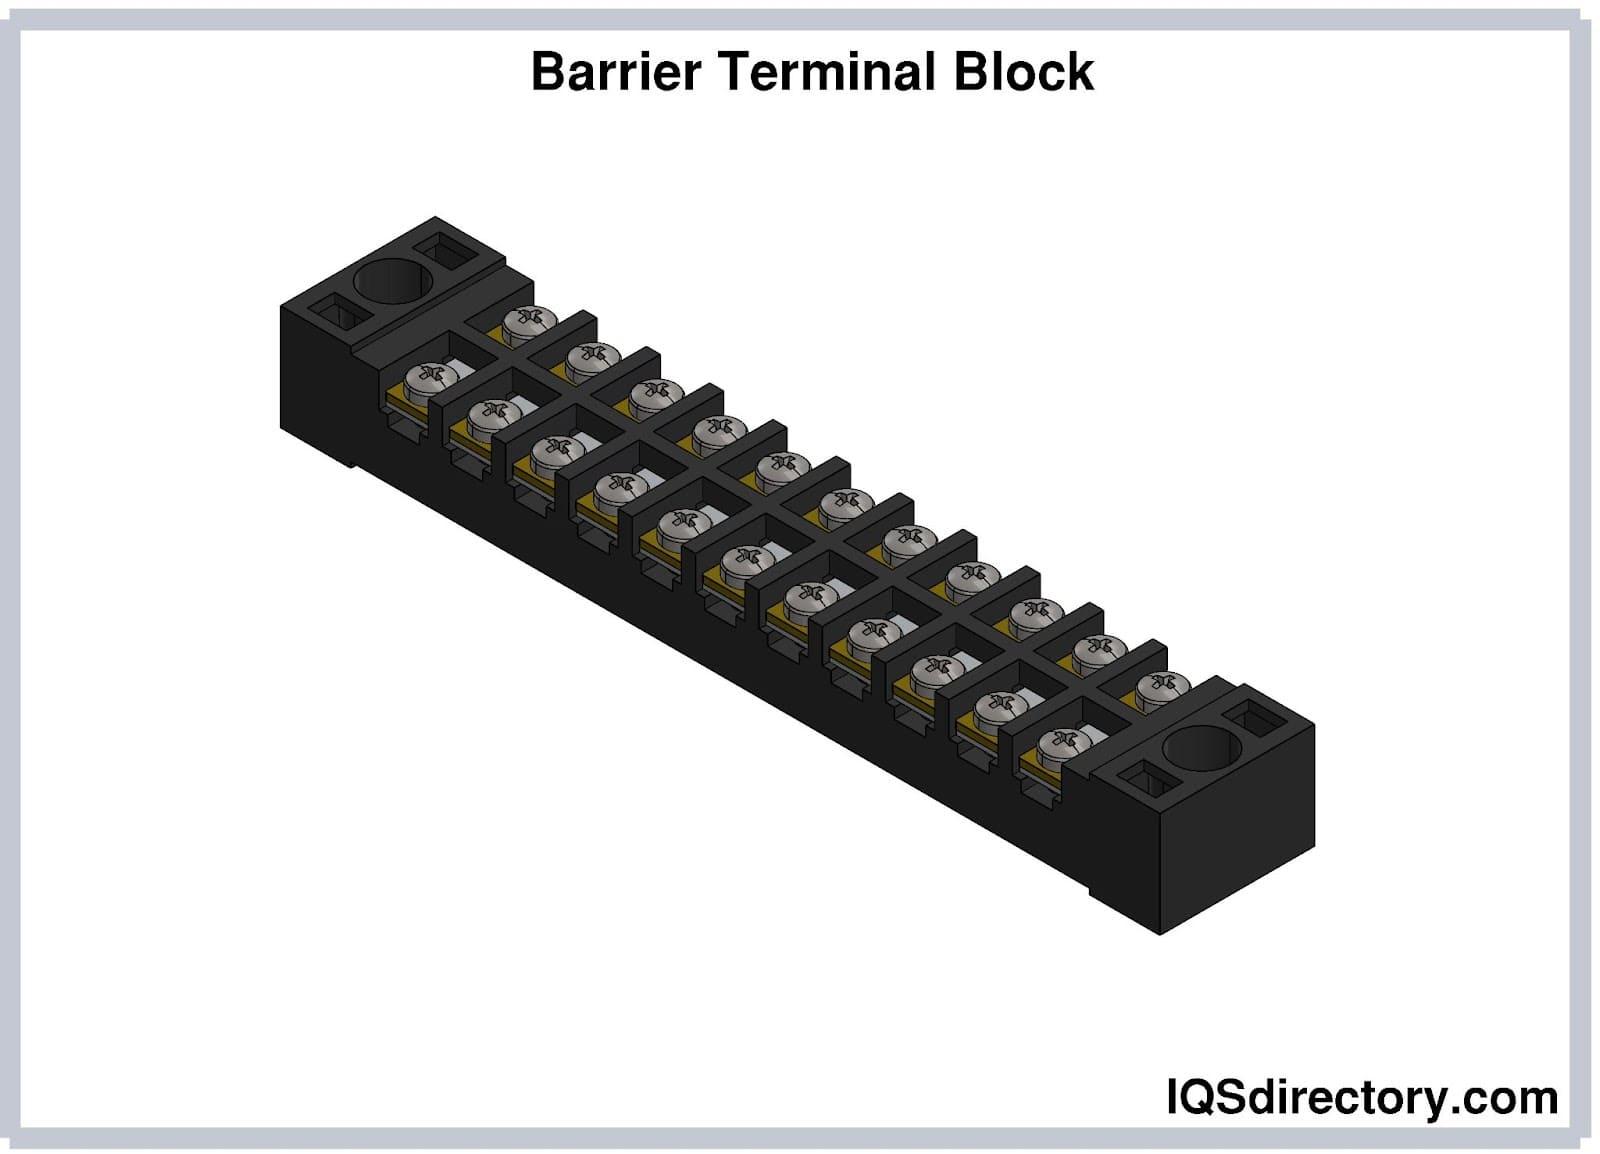 Barrier Terminal Block